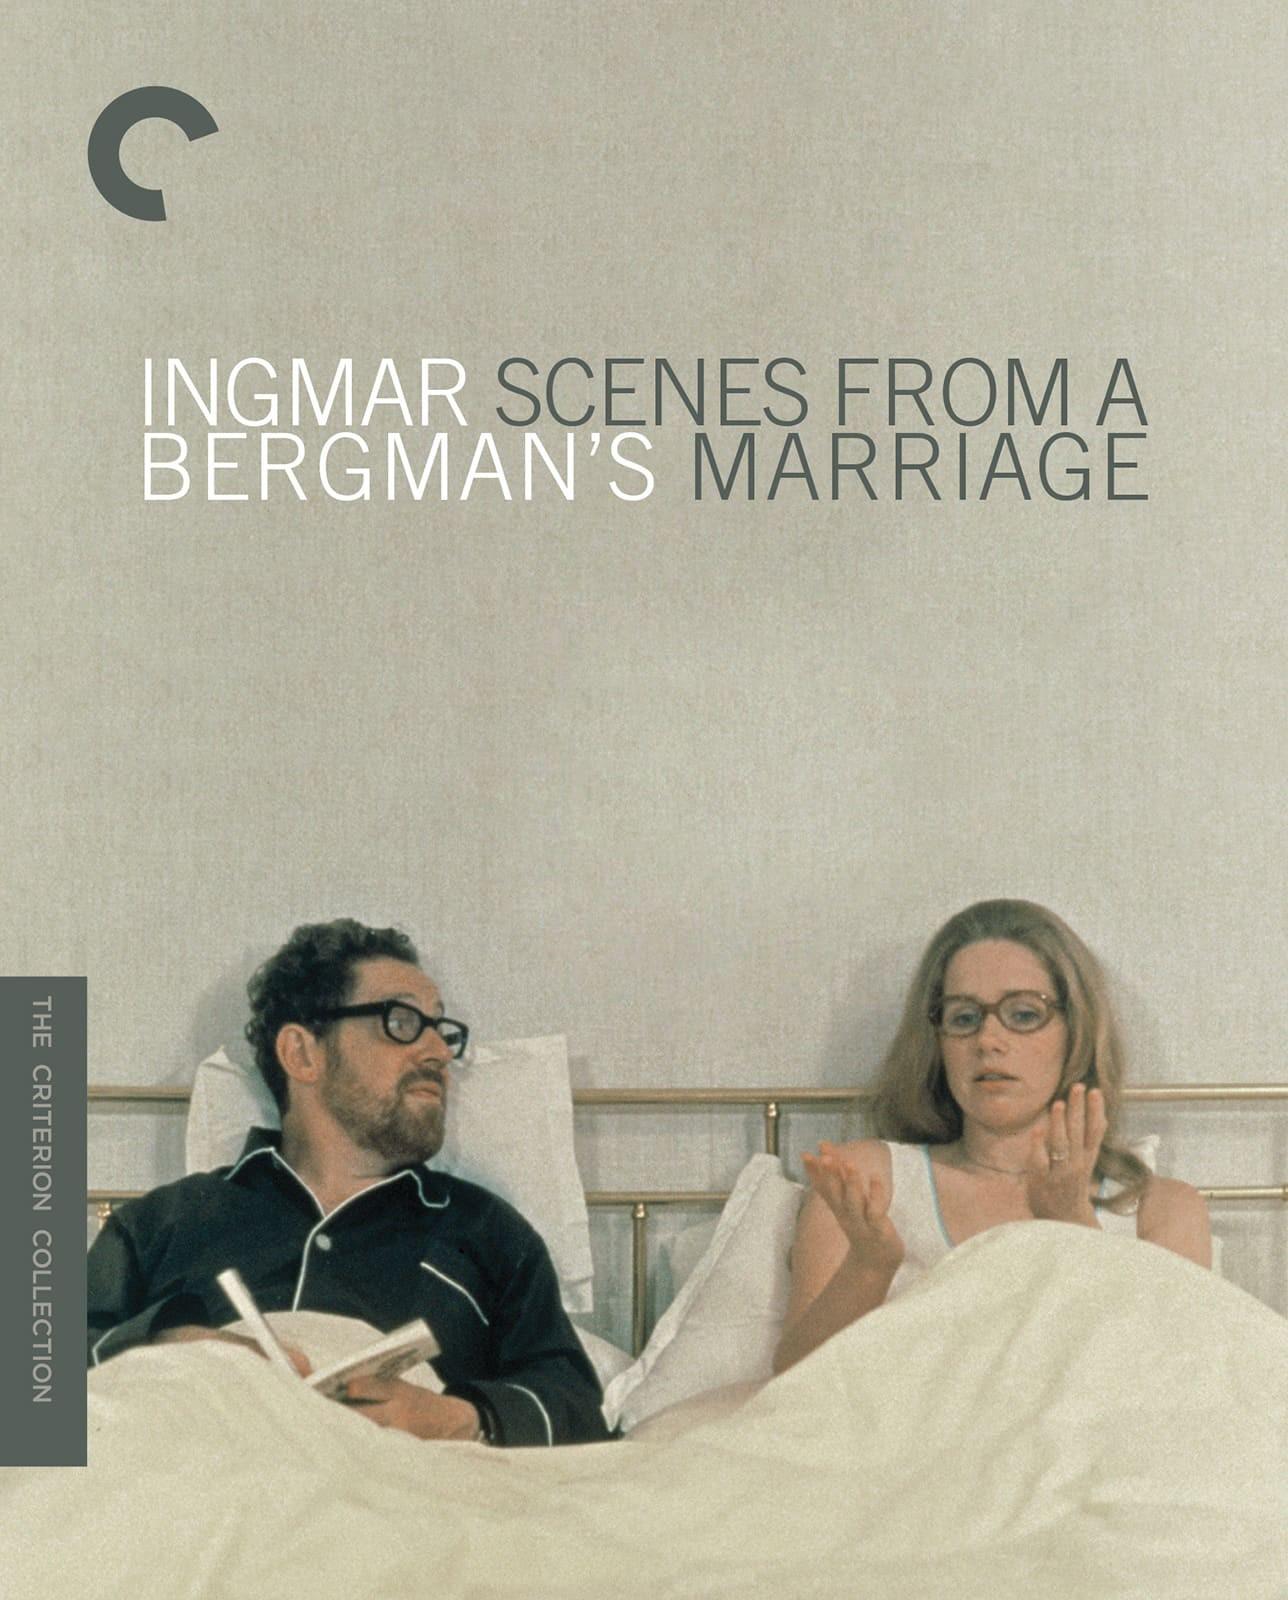 px111.net:HBO将拍新版《婚姻生活》 改编自伯格曼导演作品